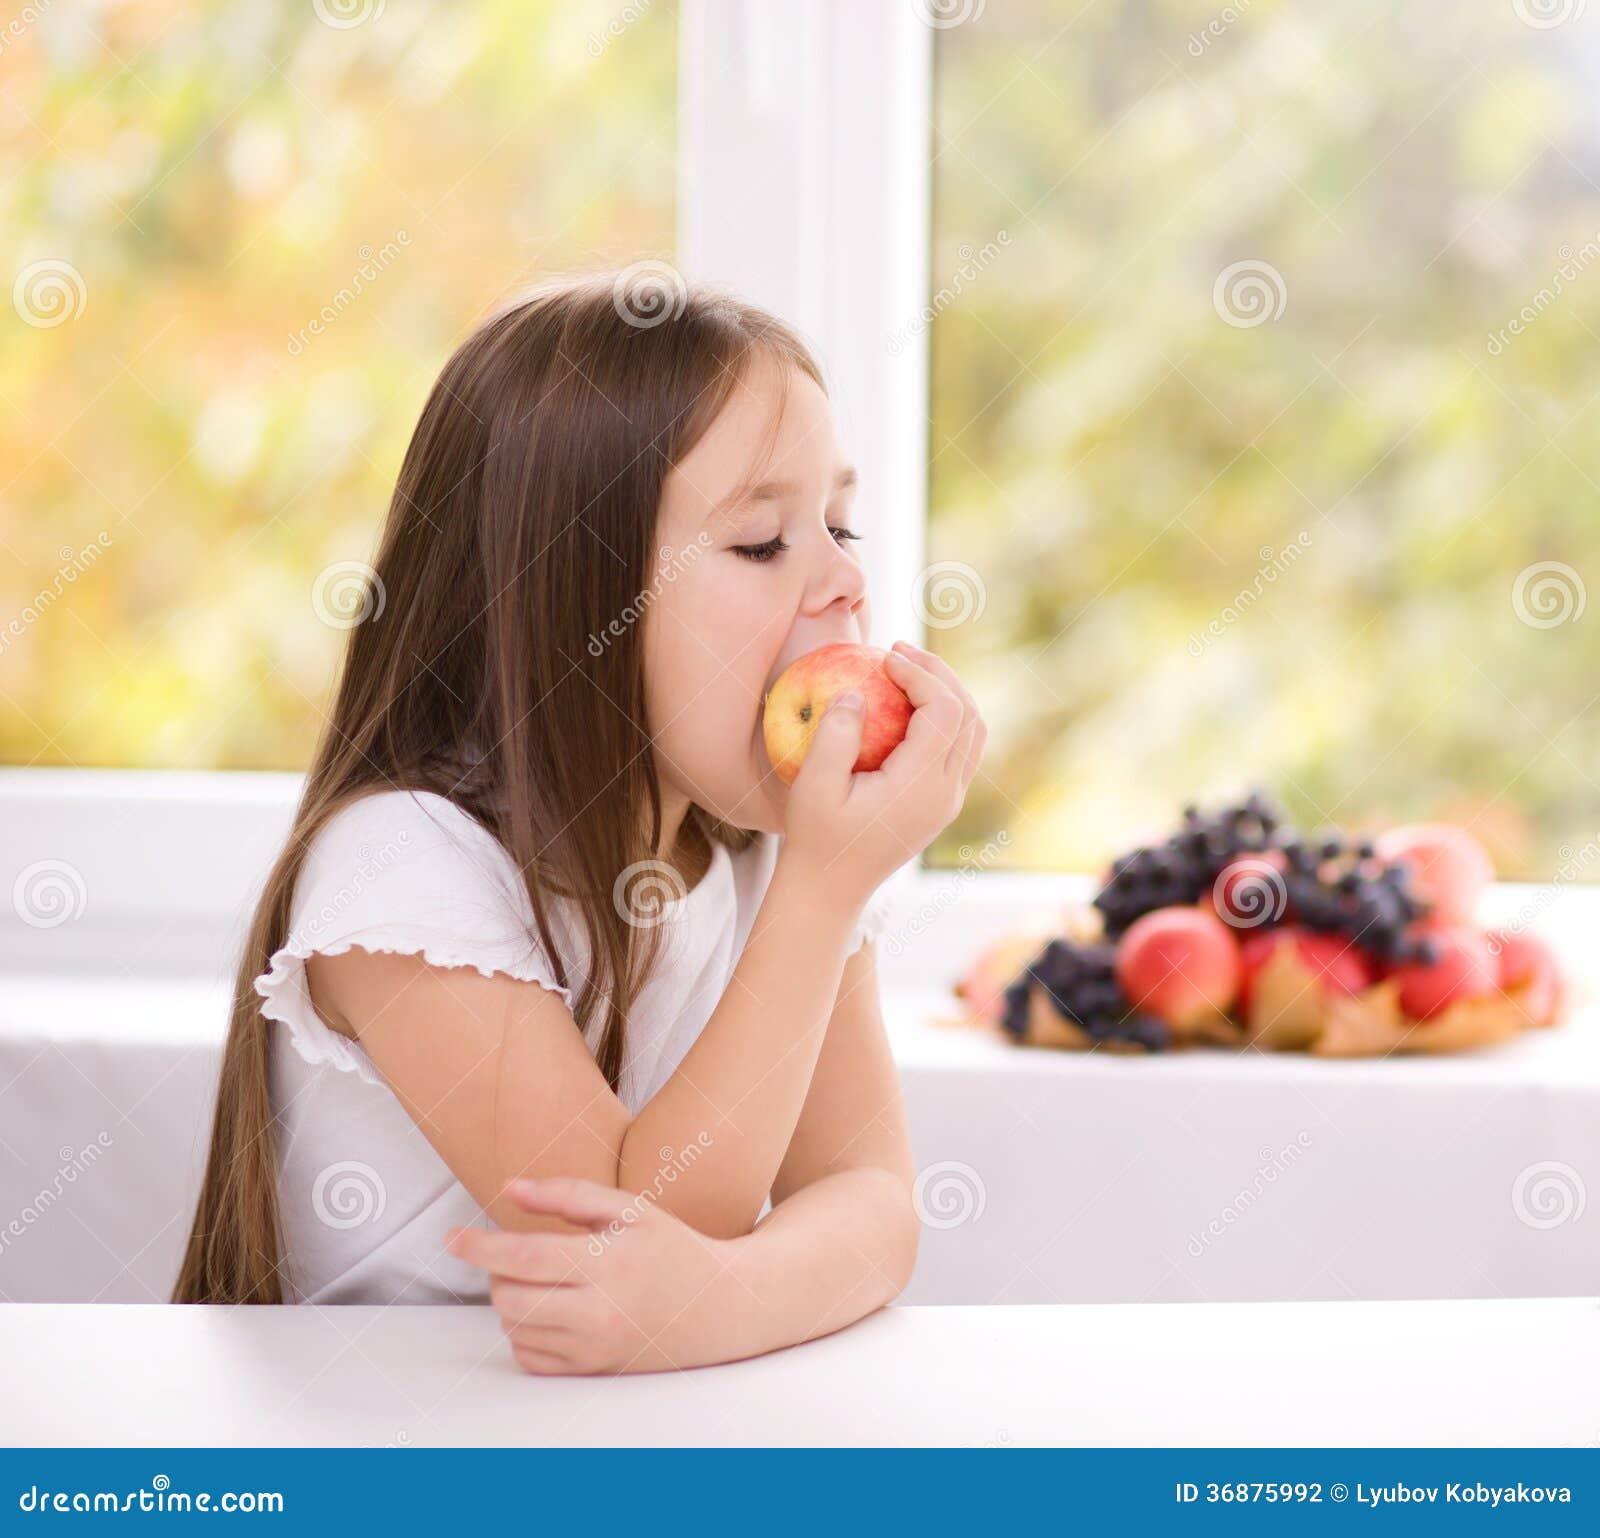 Download Bambina Che Mangia Una Mela Fotografia Stock - Immagine di dieta, people: 36875992